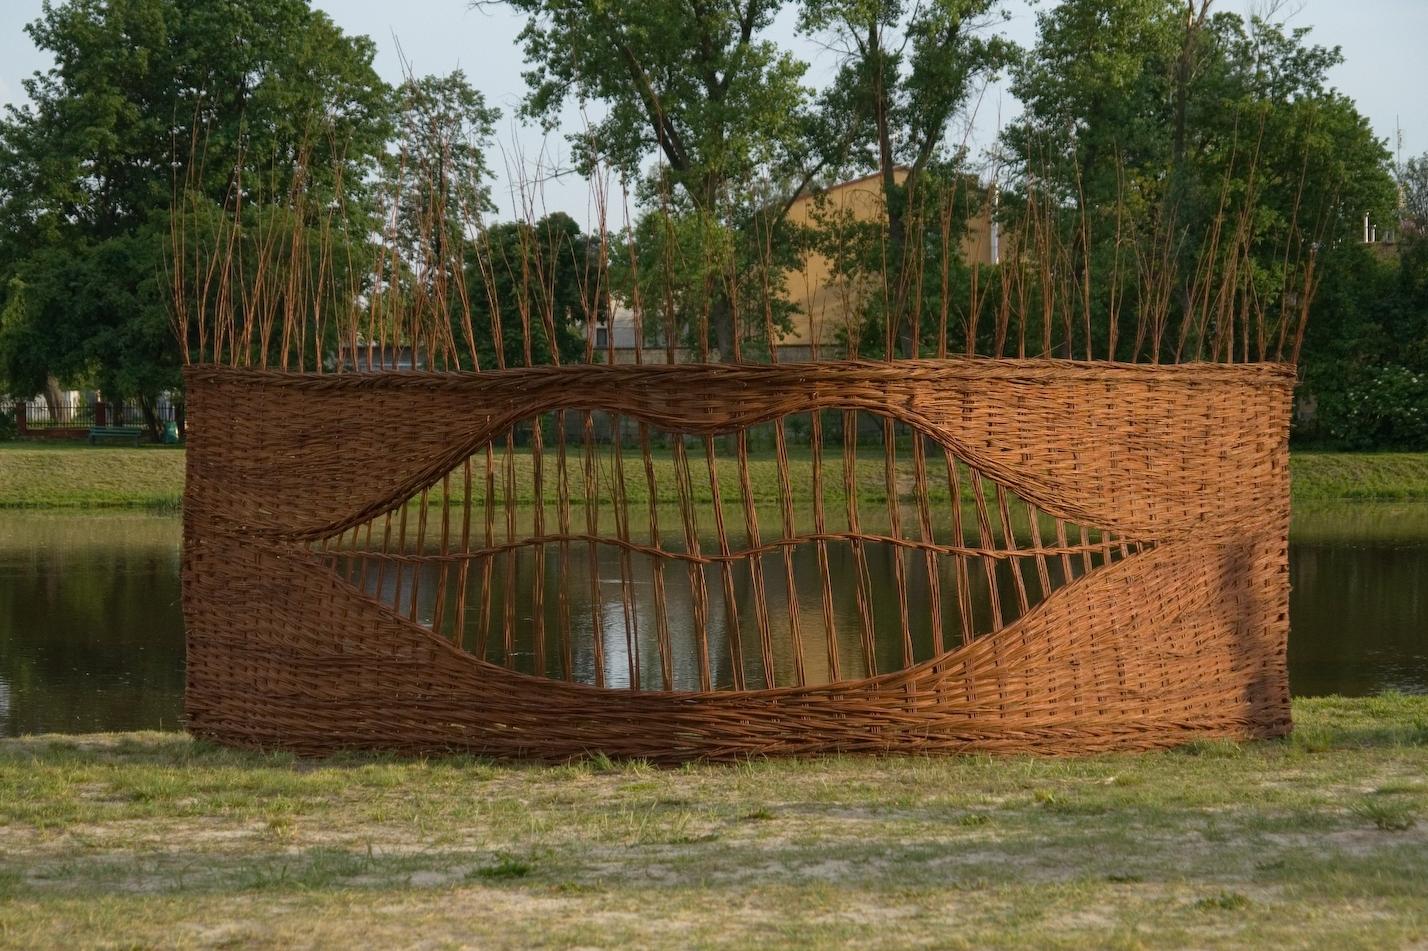 Nabrac Wode w Usta, Rudnik, Poland, 2007